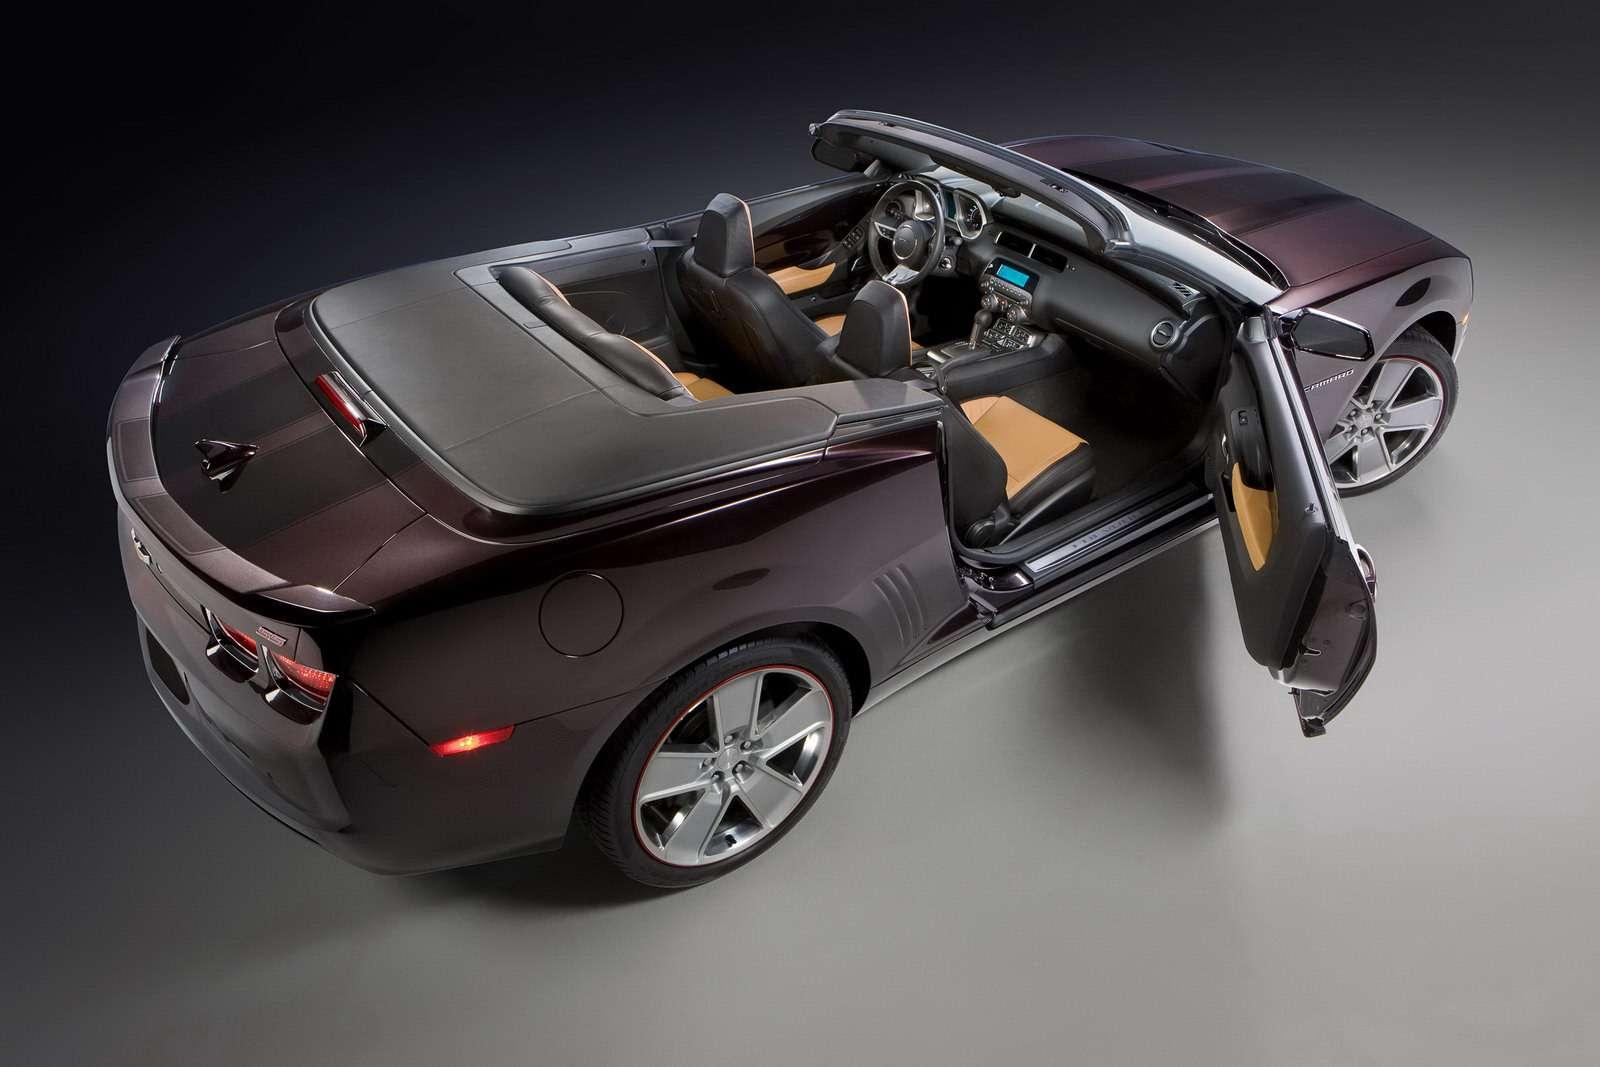 Chevrolet Camaro SS w wersji Cabrio Neiman Marcus pazdziernik 2010